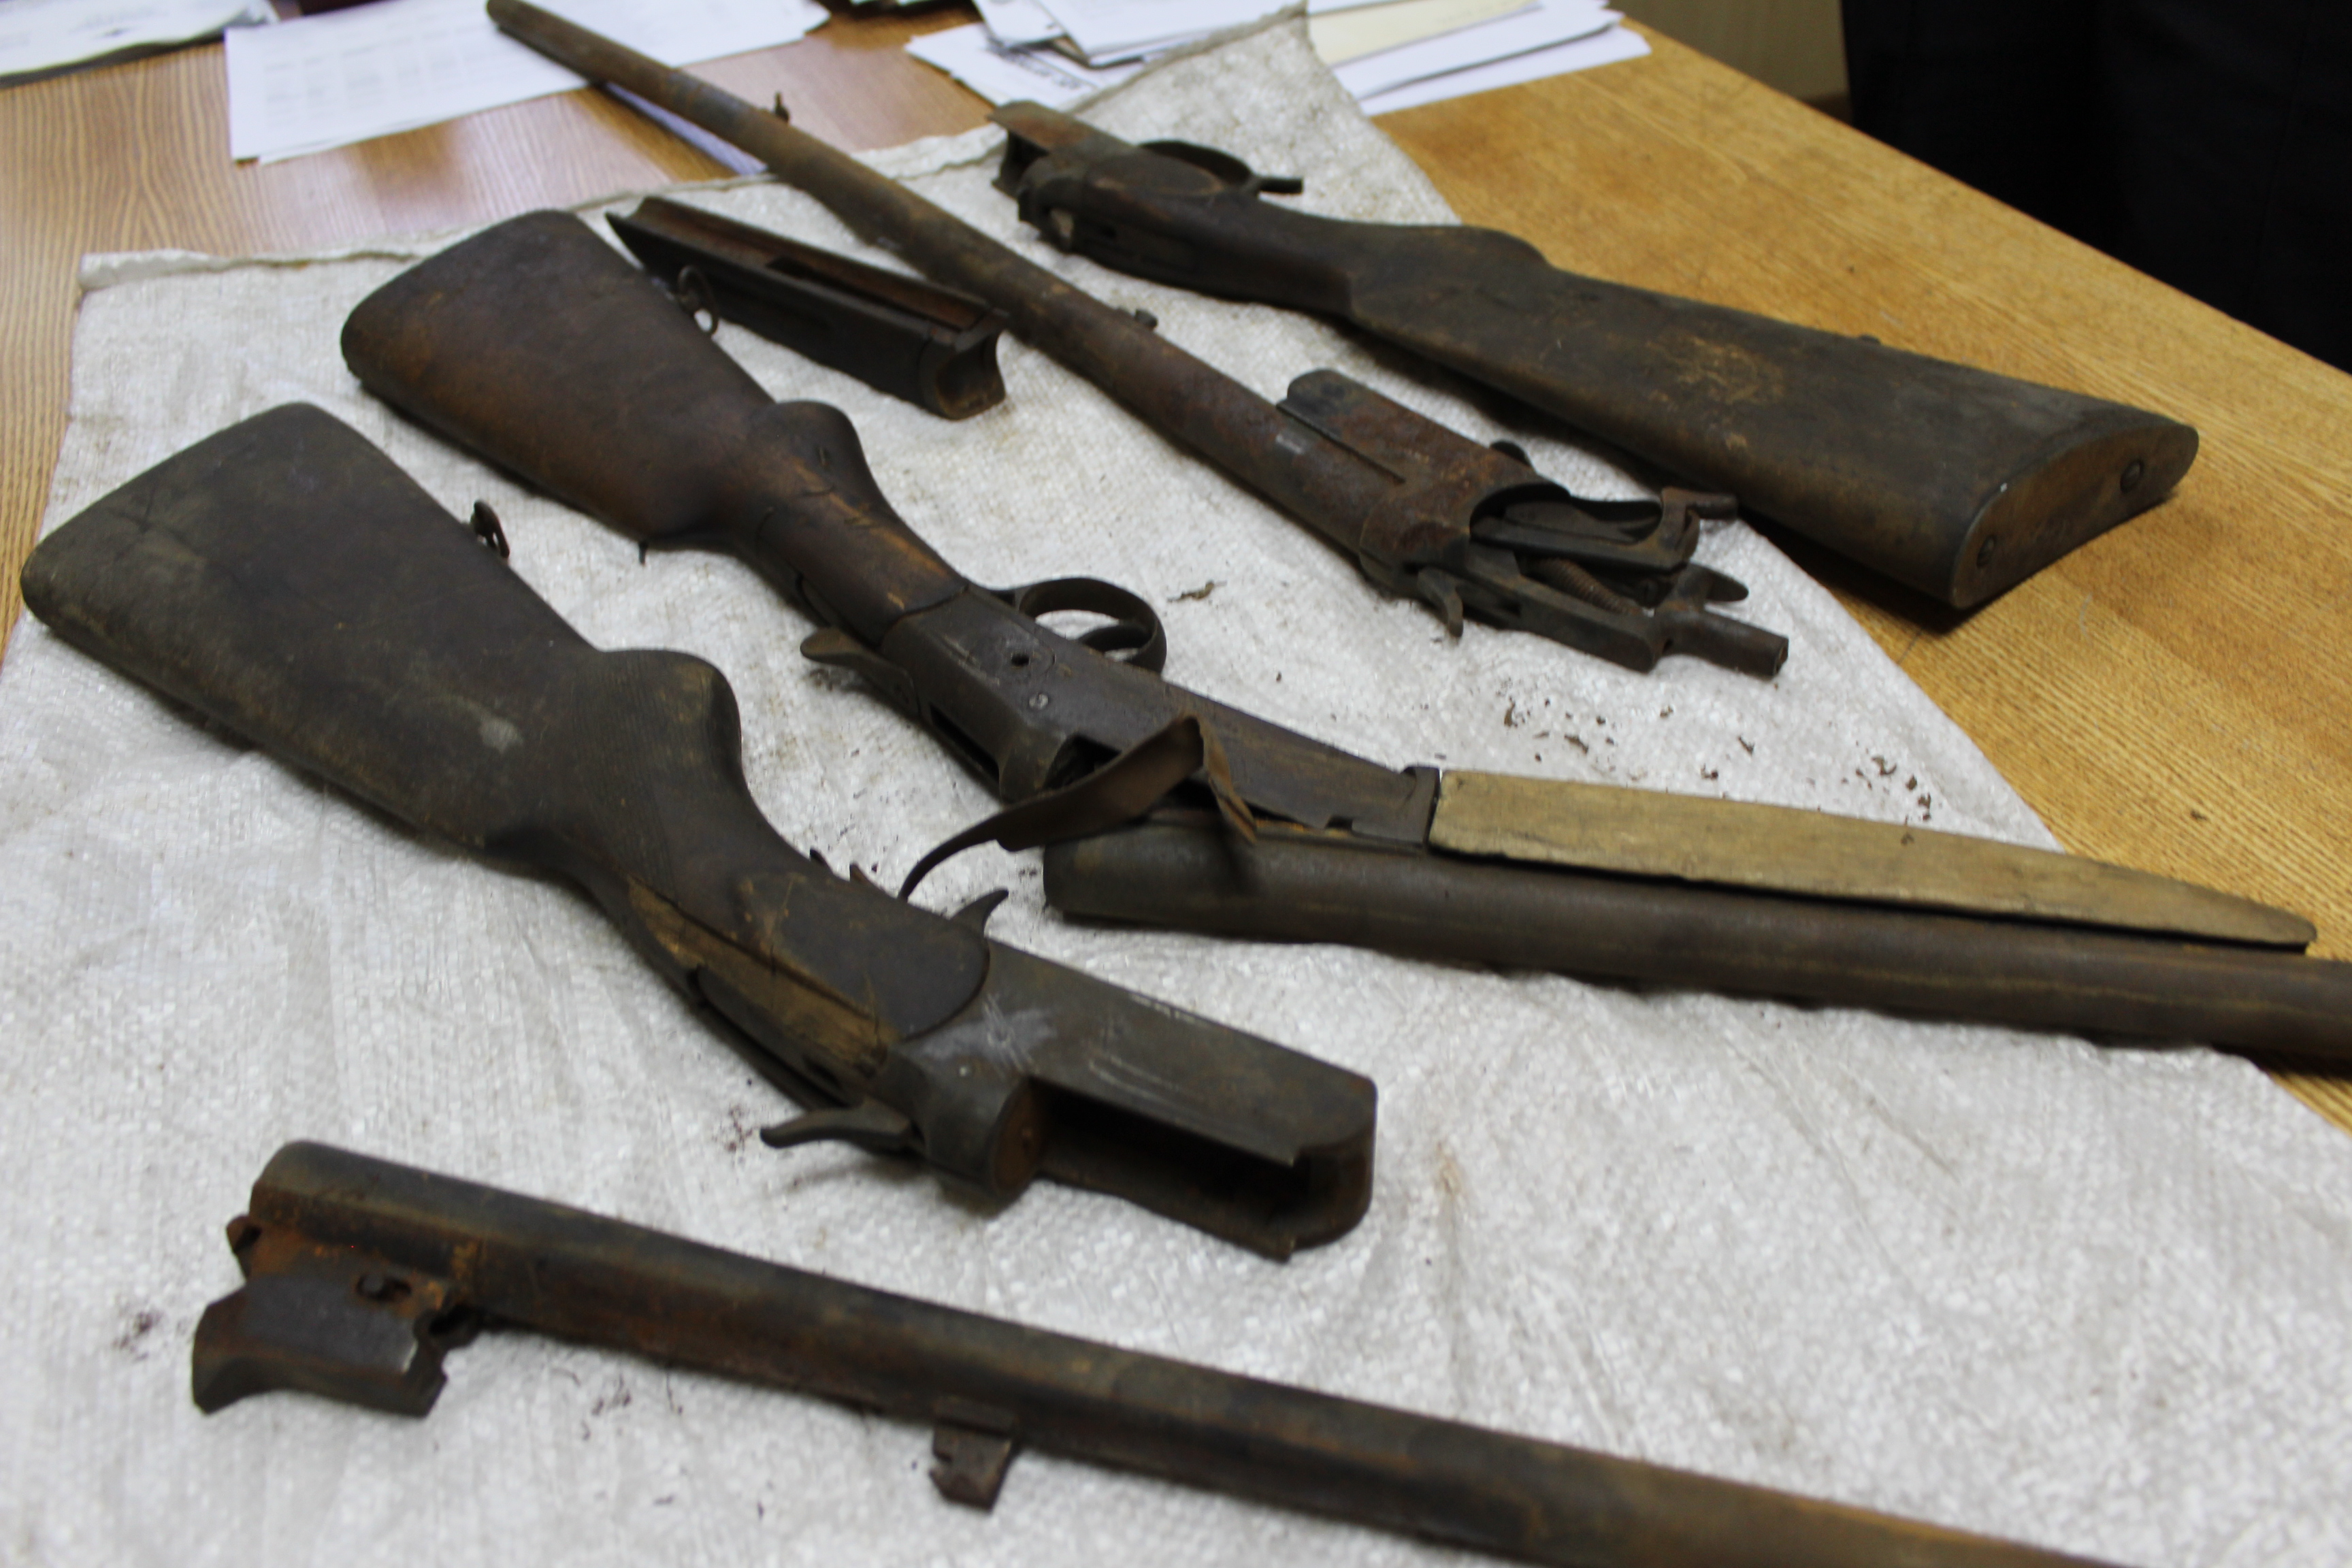 Три старинных ружья нашел житель Вологды на чердаке сарая